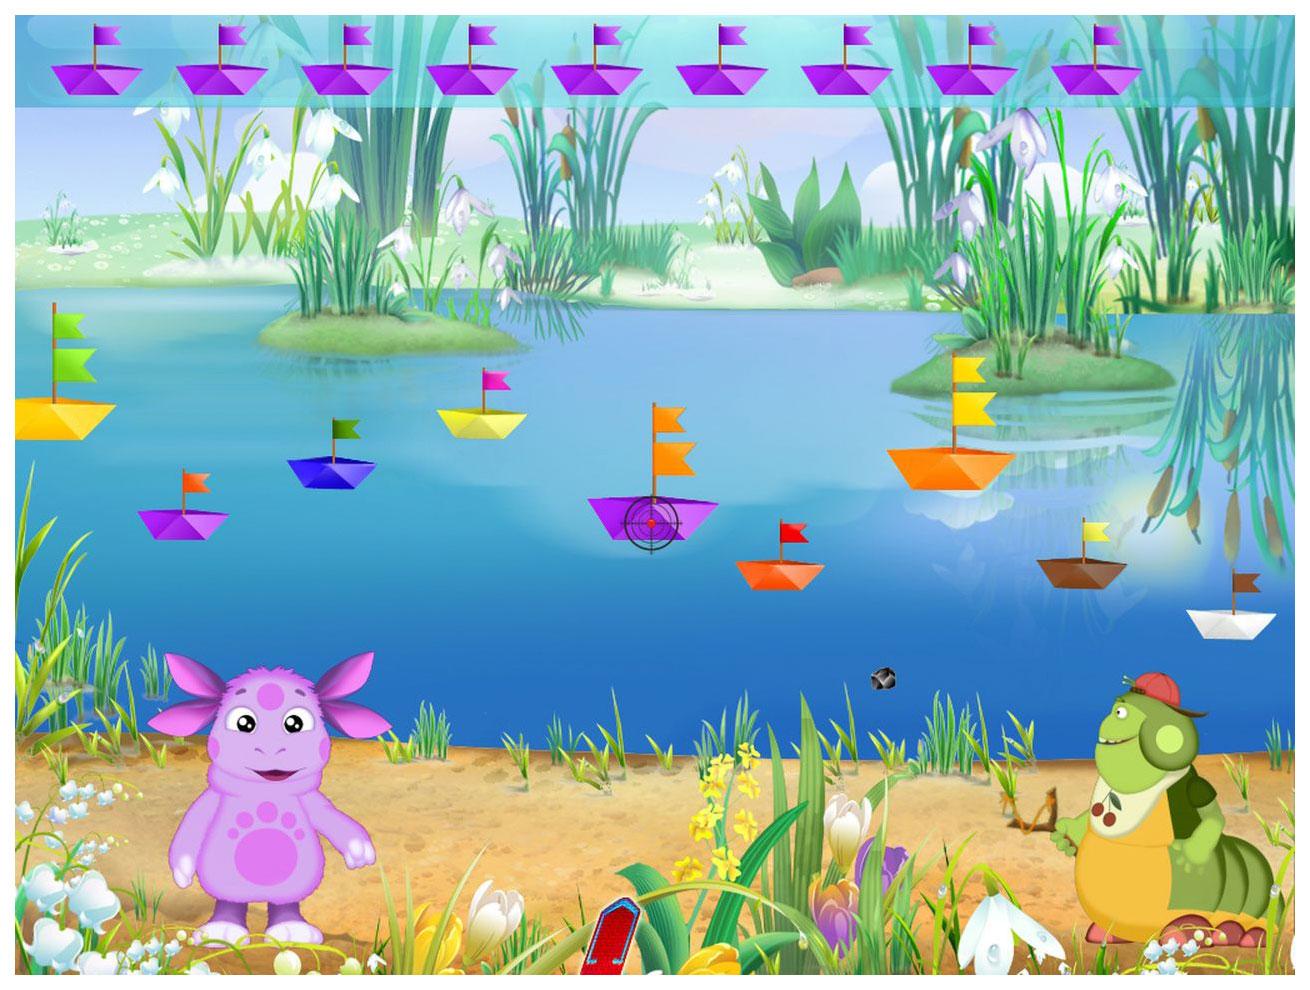 Картинки онлайн игры для детей